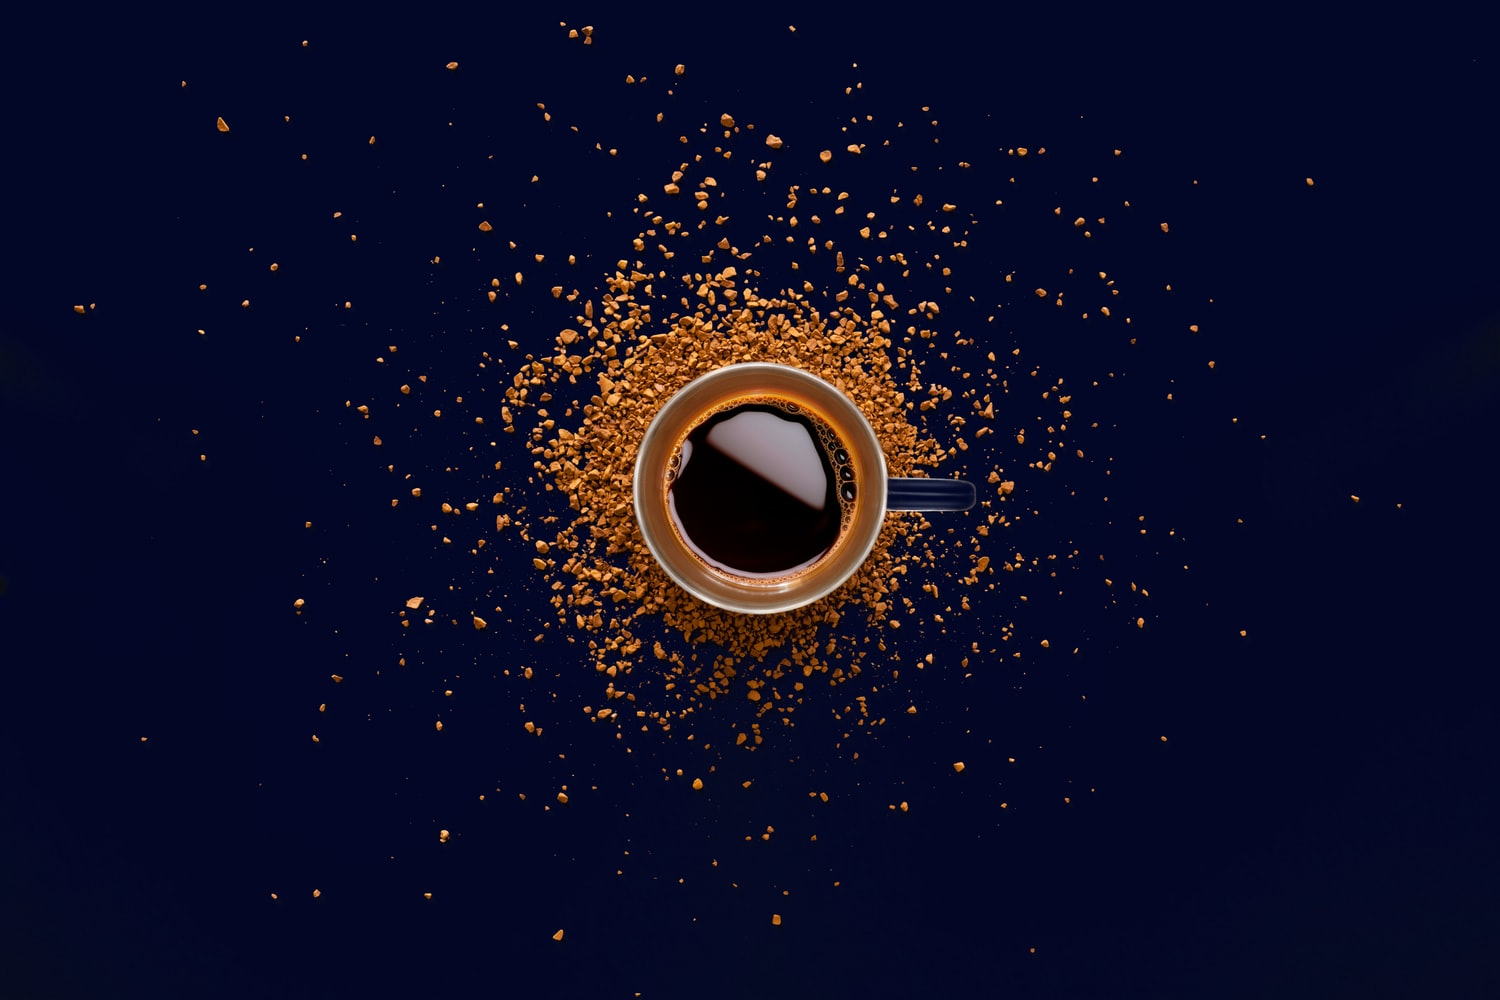 최준철 대표는 커피전문점과 커피믹스가 공존할 수 있으리라 판단했다.  ⓒUnsplash